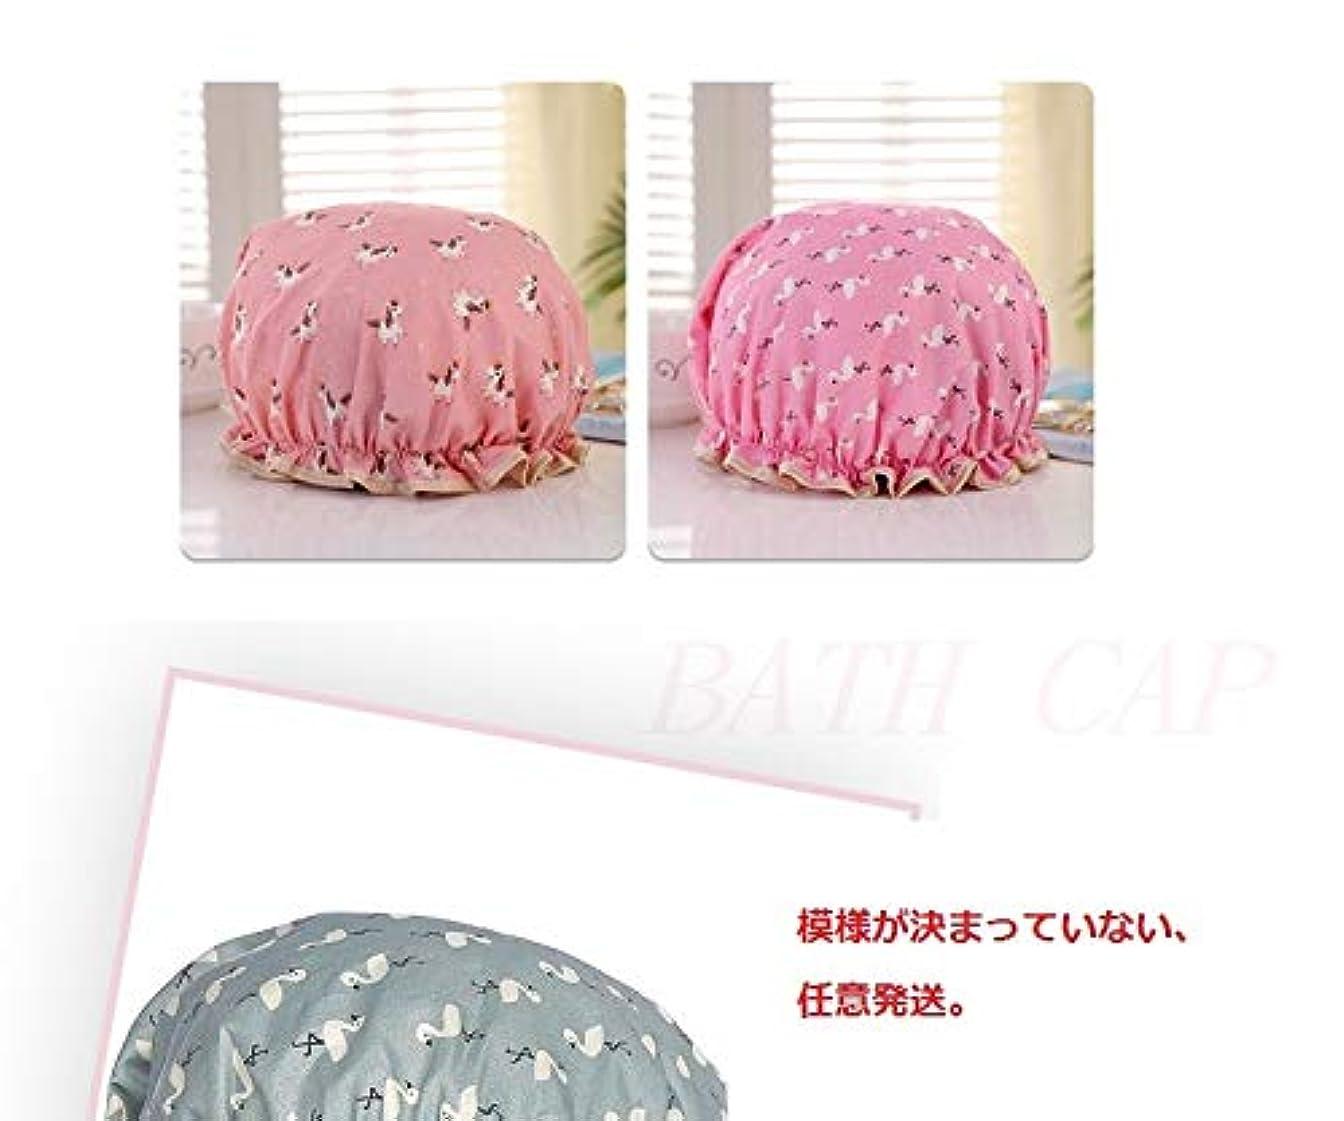 考えた悪因子ミュウミュウBijou Cat シャワーキャップ 二層 ピンクぽい